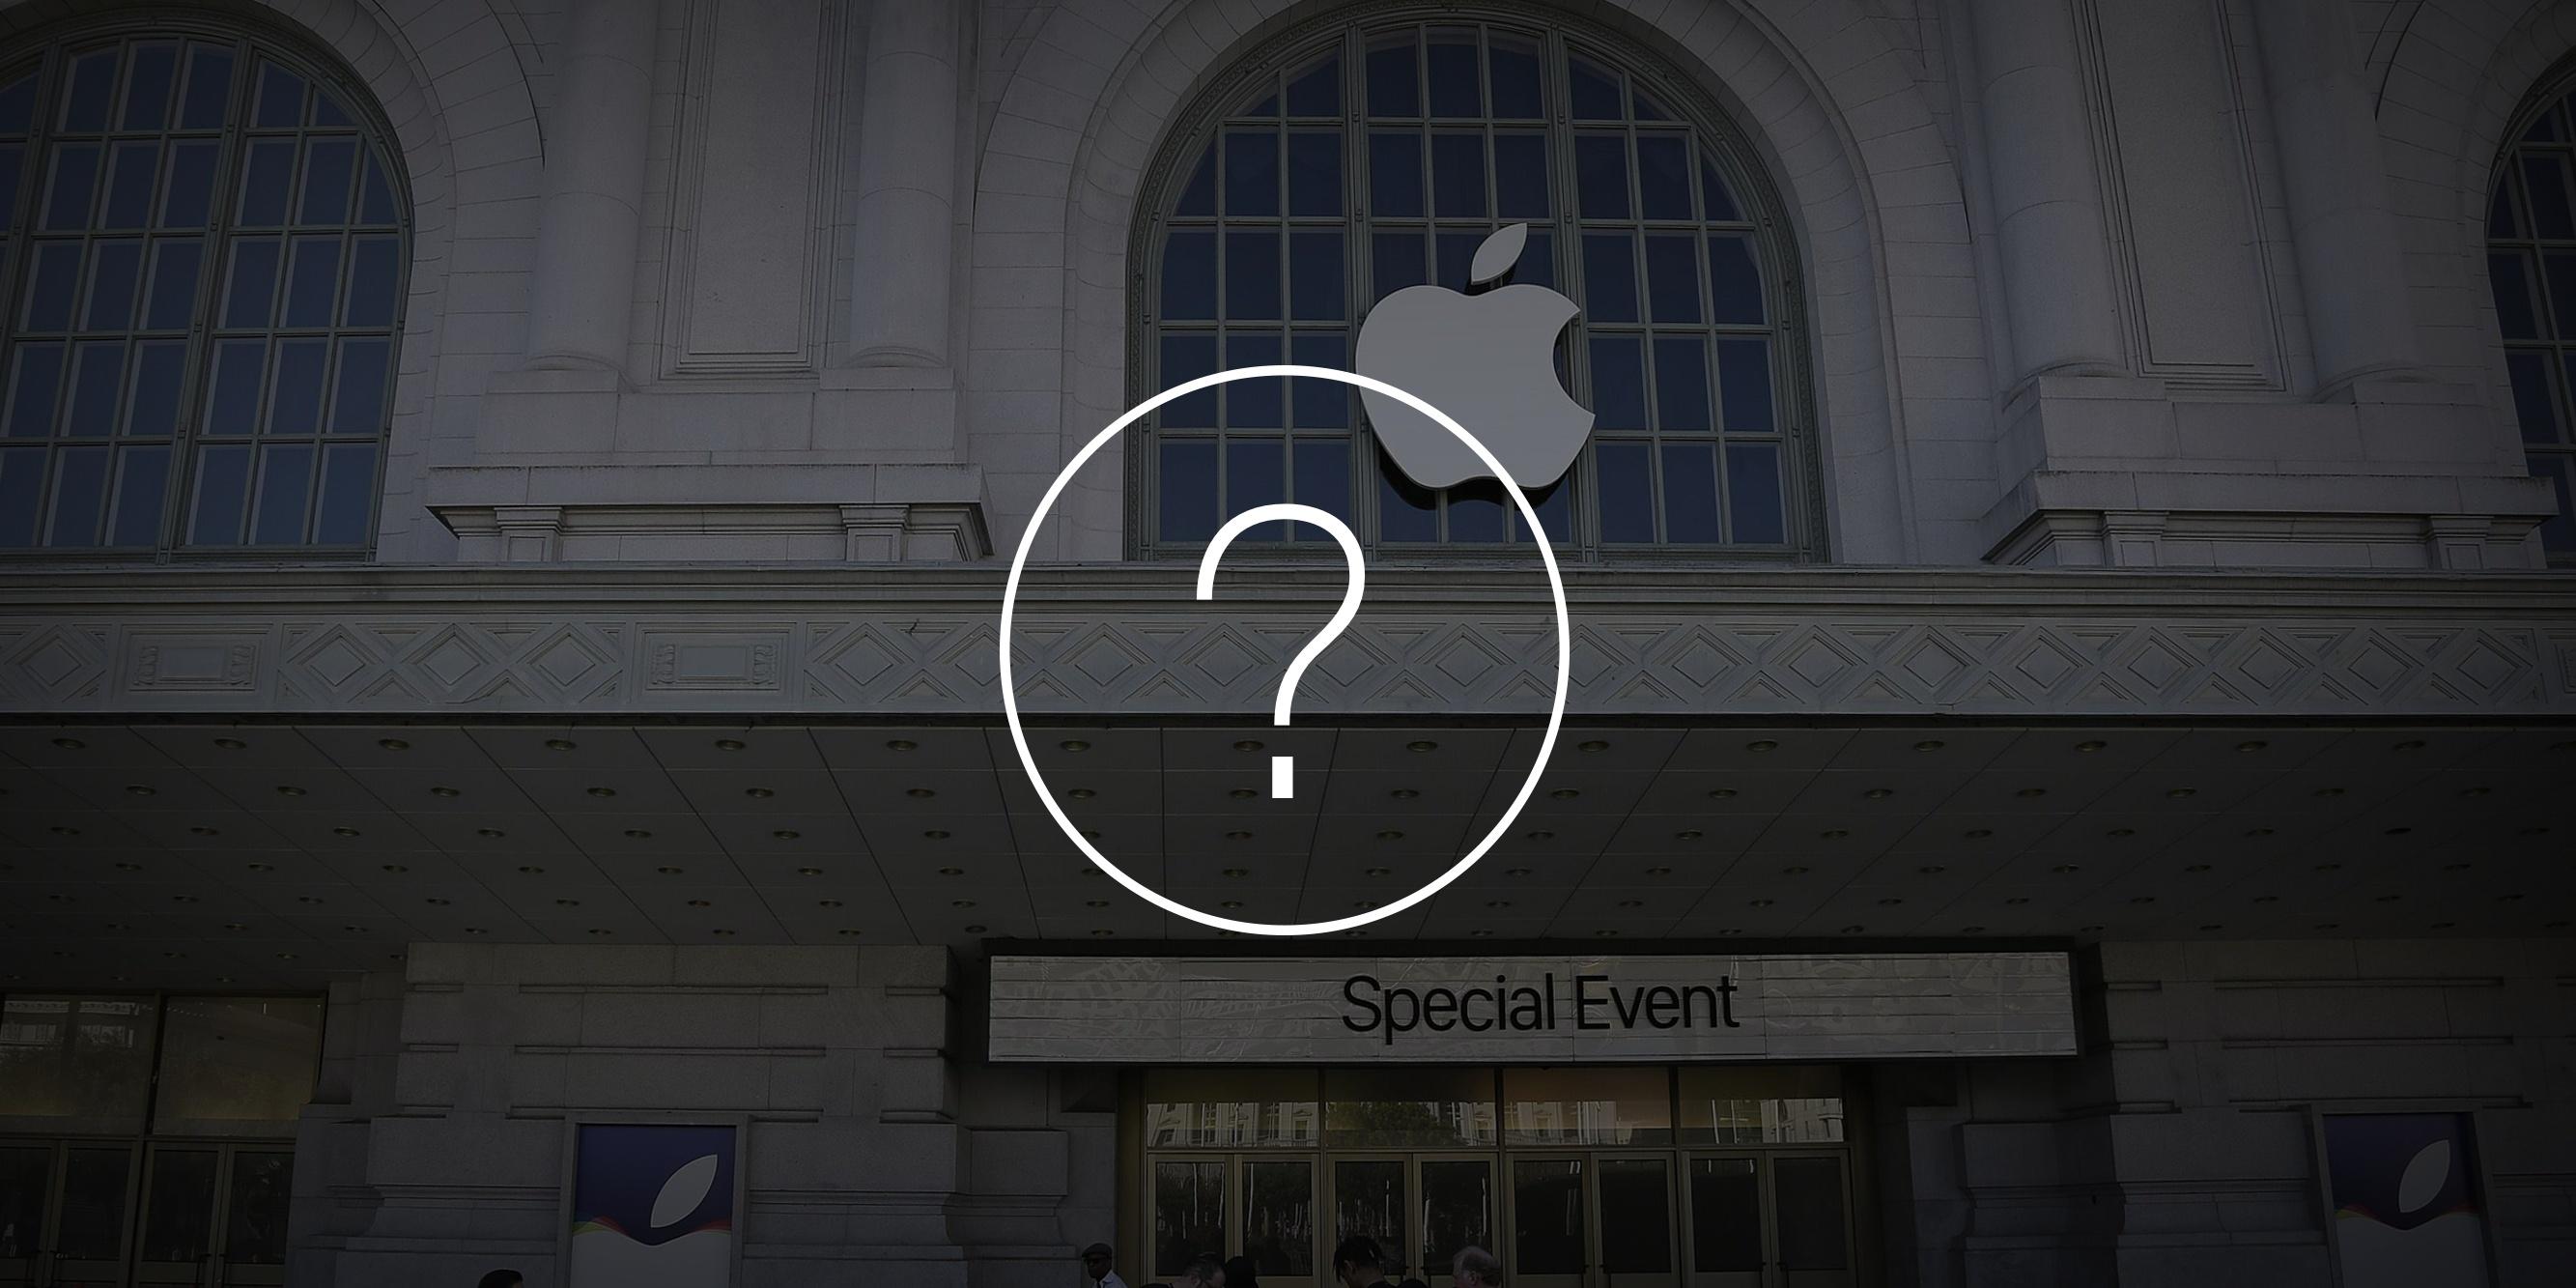 10 вопросов о прошедшей презентации Apple, которые остались без ответов